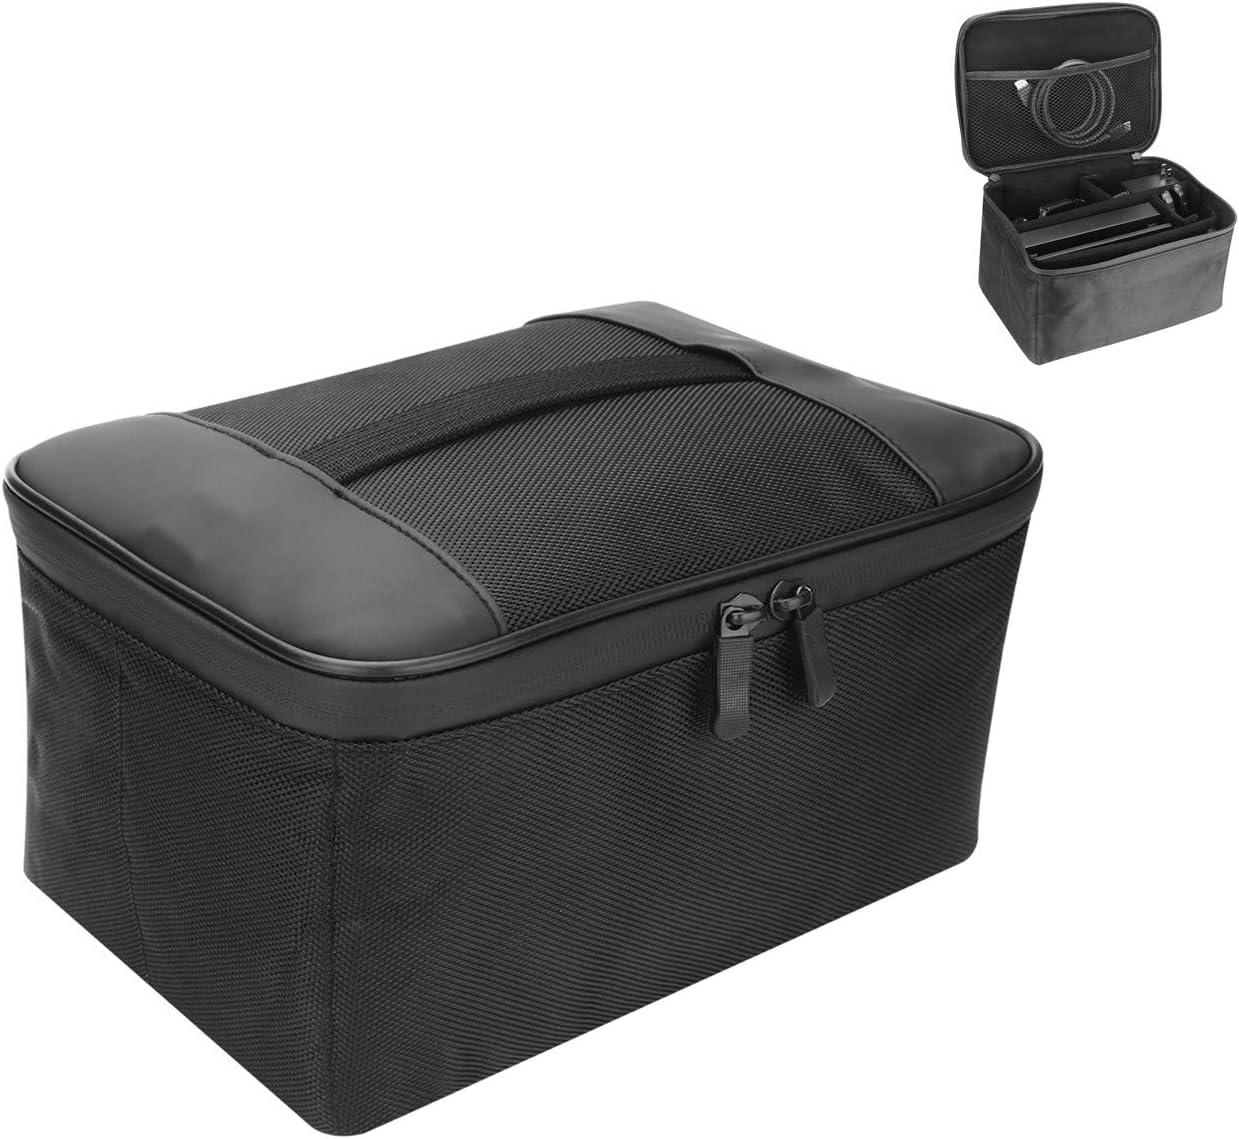 Nintendo Switch Bolsa / Funda para Nintendo Switch- Lifeasy Storage Bag Funda de viaje para llevar la Nintendo Switch y sus accesorios: Amazon.es: Videojuegos